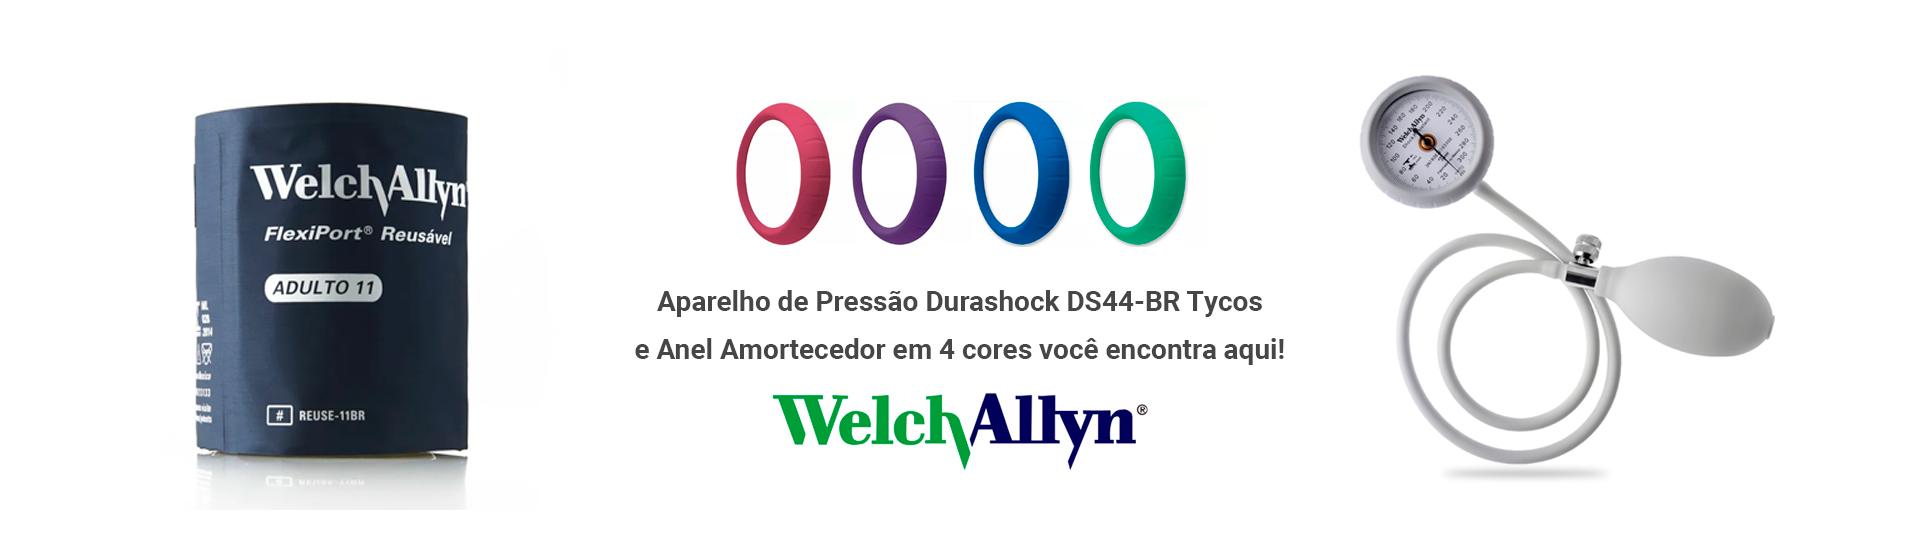 Aparelho de Pressão Durashock DS44-BR e Anel